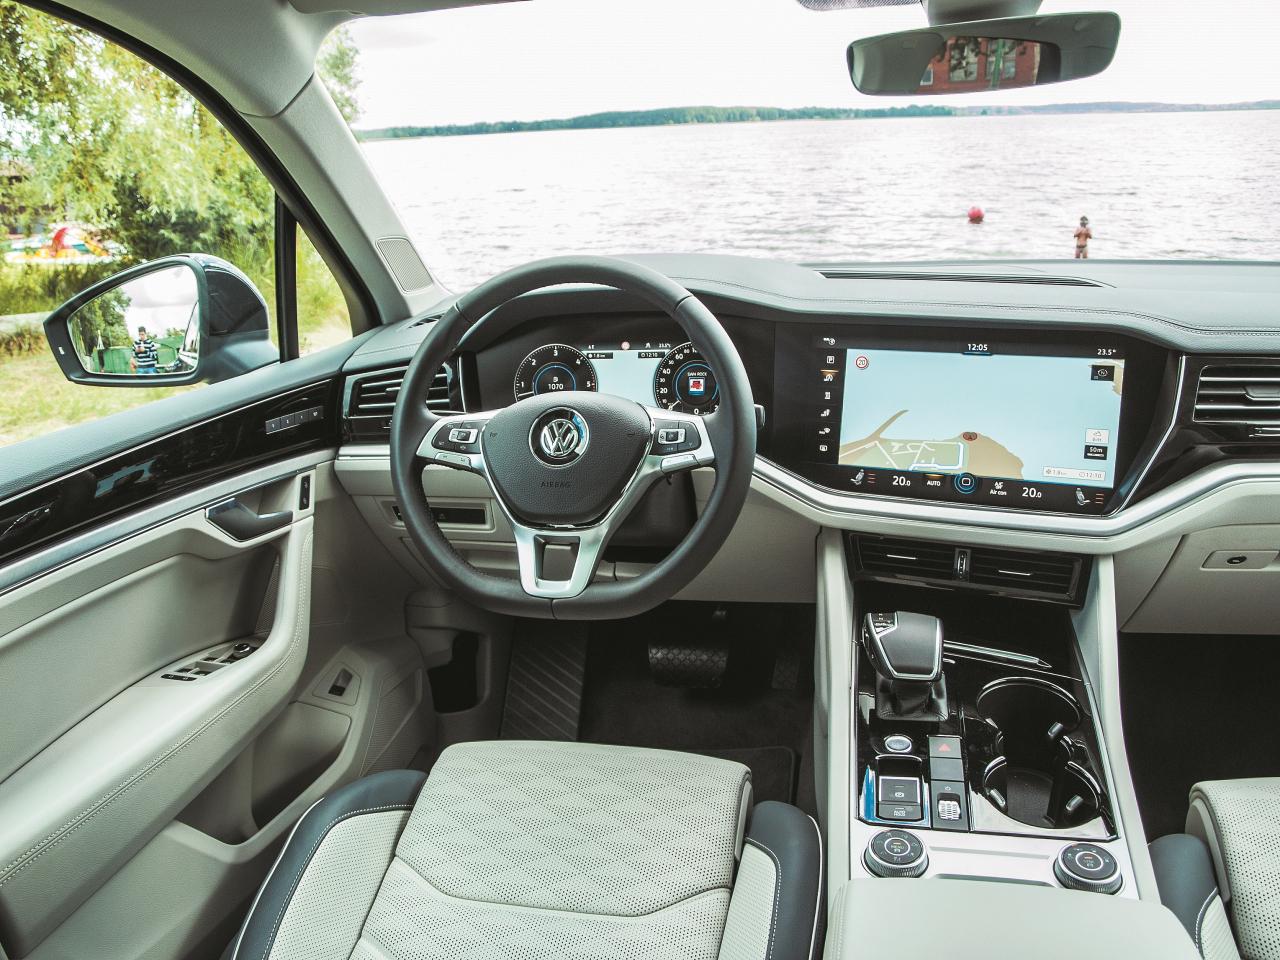 Lielizmēra ekrāni un interjera apgaismojums veiksmīgi novērš uzmanību no atsevišķiem elementiem, kuri vēl netiek līdzi auto cenai